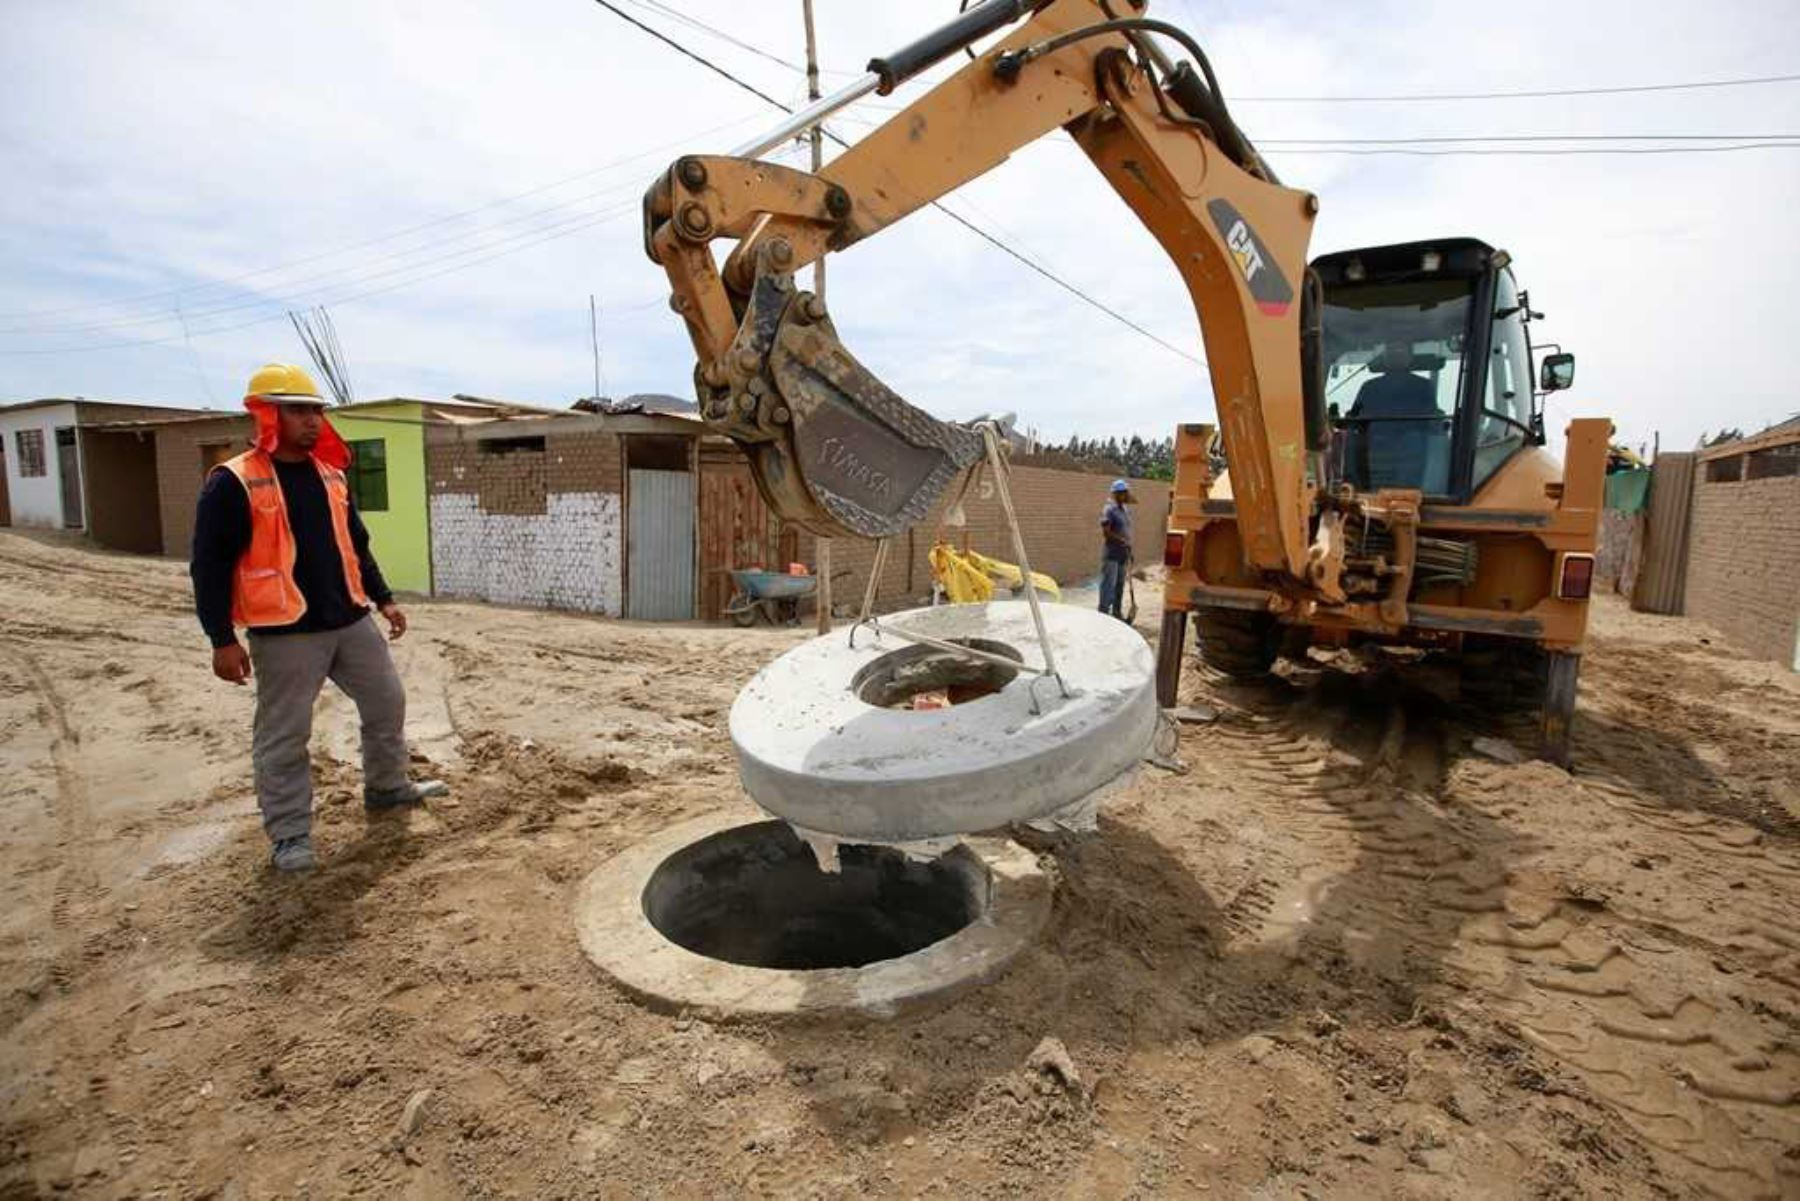 Comunidades rurales de nueve regiones contarán con agua y saneamiento al 100%, gracias al financiamiento de más de 400 millones de soles otorgados por el Banco Interamericano de Desarrollo (BID).